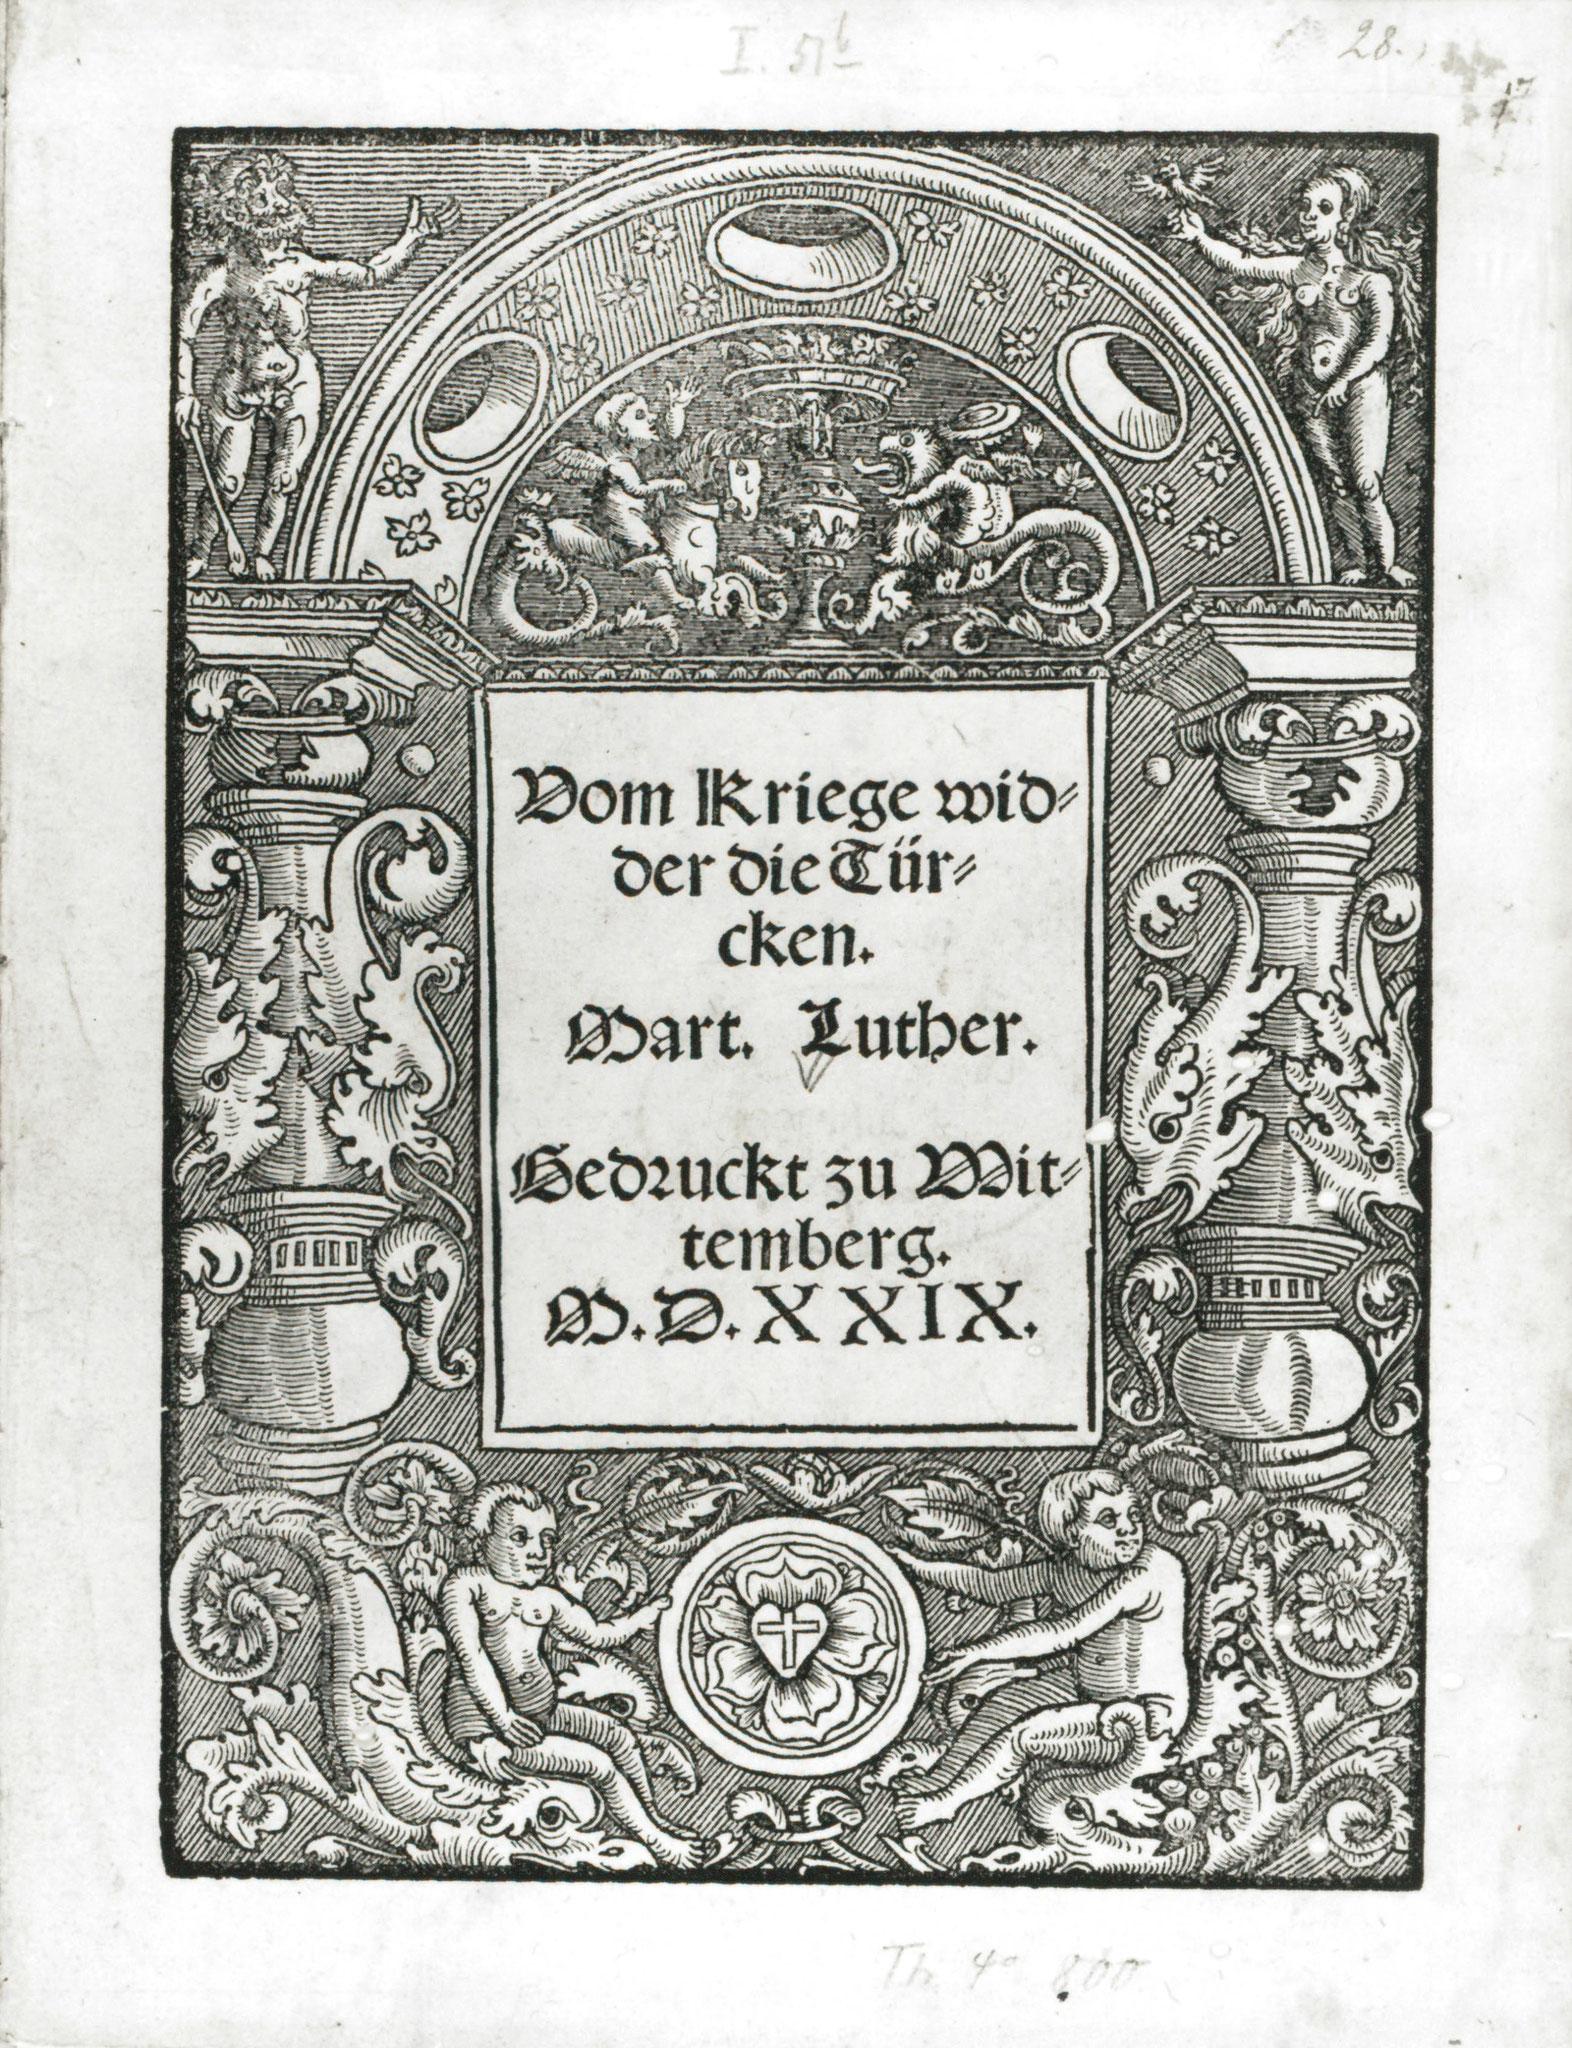 Martin Luther: Vom kriege widder die Türcken. Wittenberg: Weiß 1529. Signatur: 3.A.6392 Maße: 20,5 x 29 (aufgeschlagen), SLUB Dresden, Digitalisat in der Deutschen Fotothek.